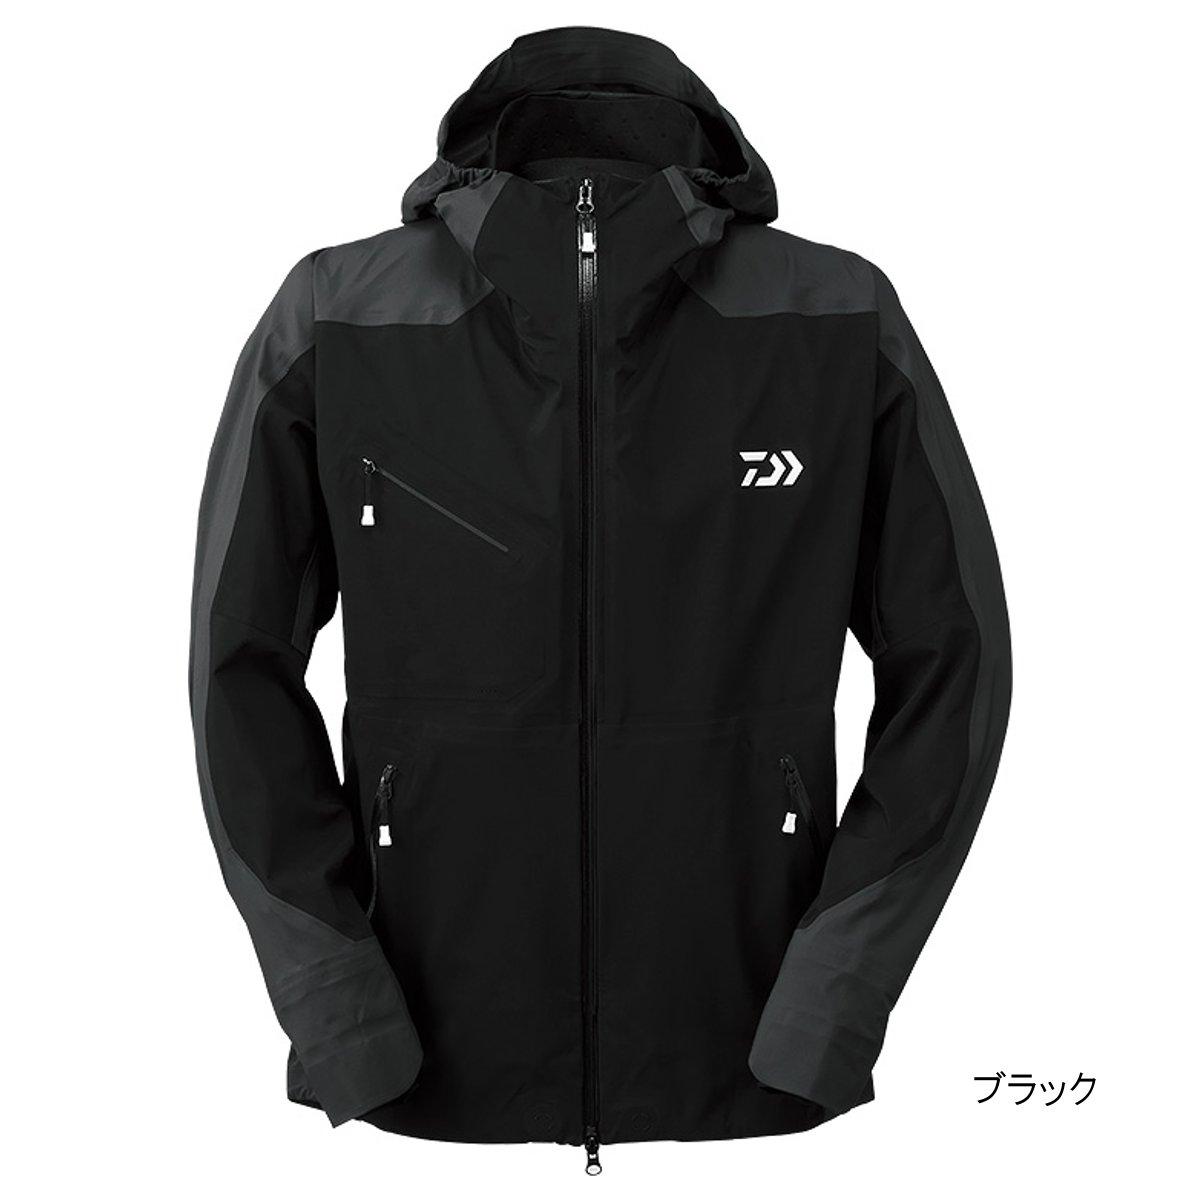 ダイワ ポーラテック ネオシェル ハイブリッドレインジャケット DR-20009J M ブラック(東日本店)